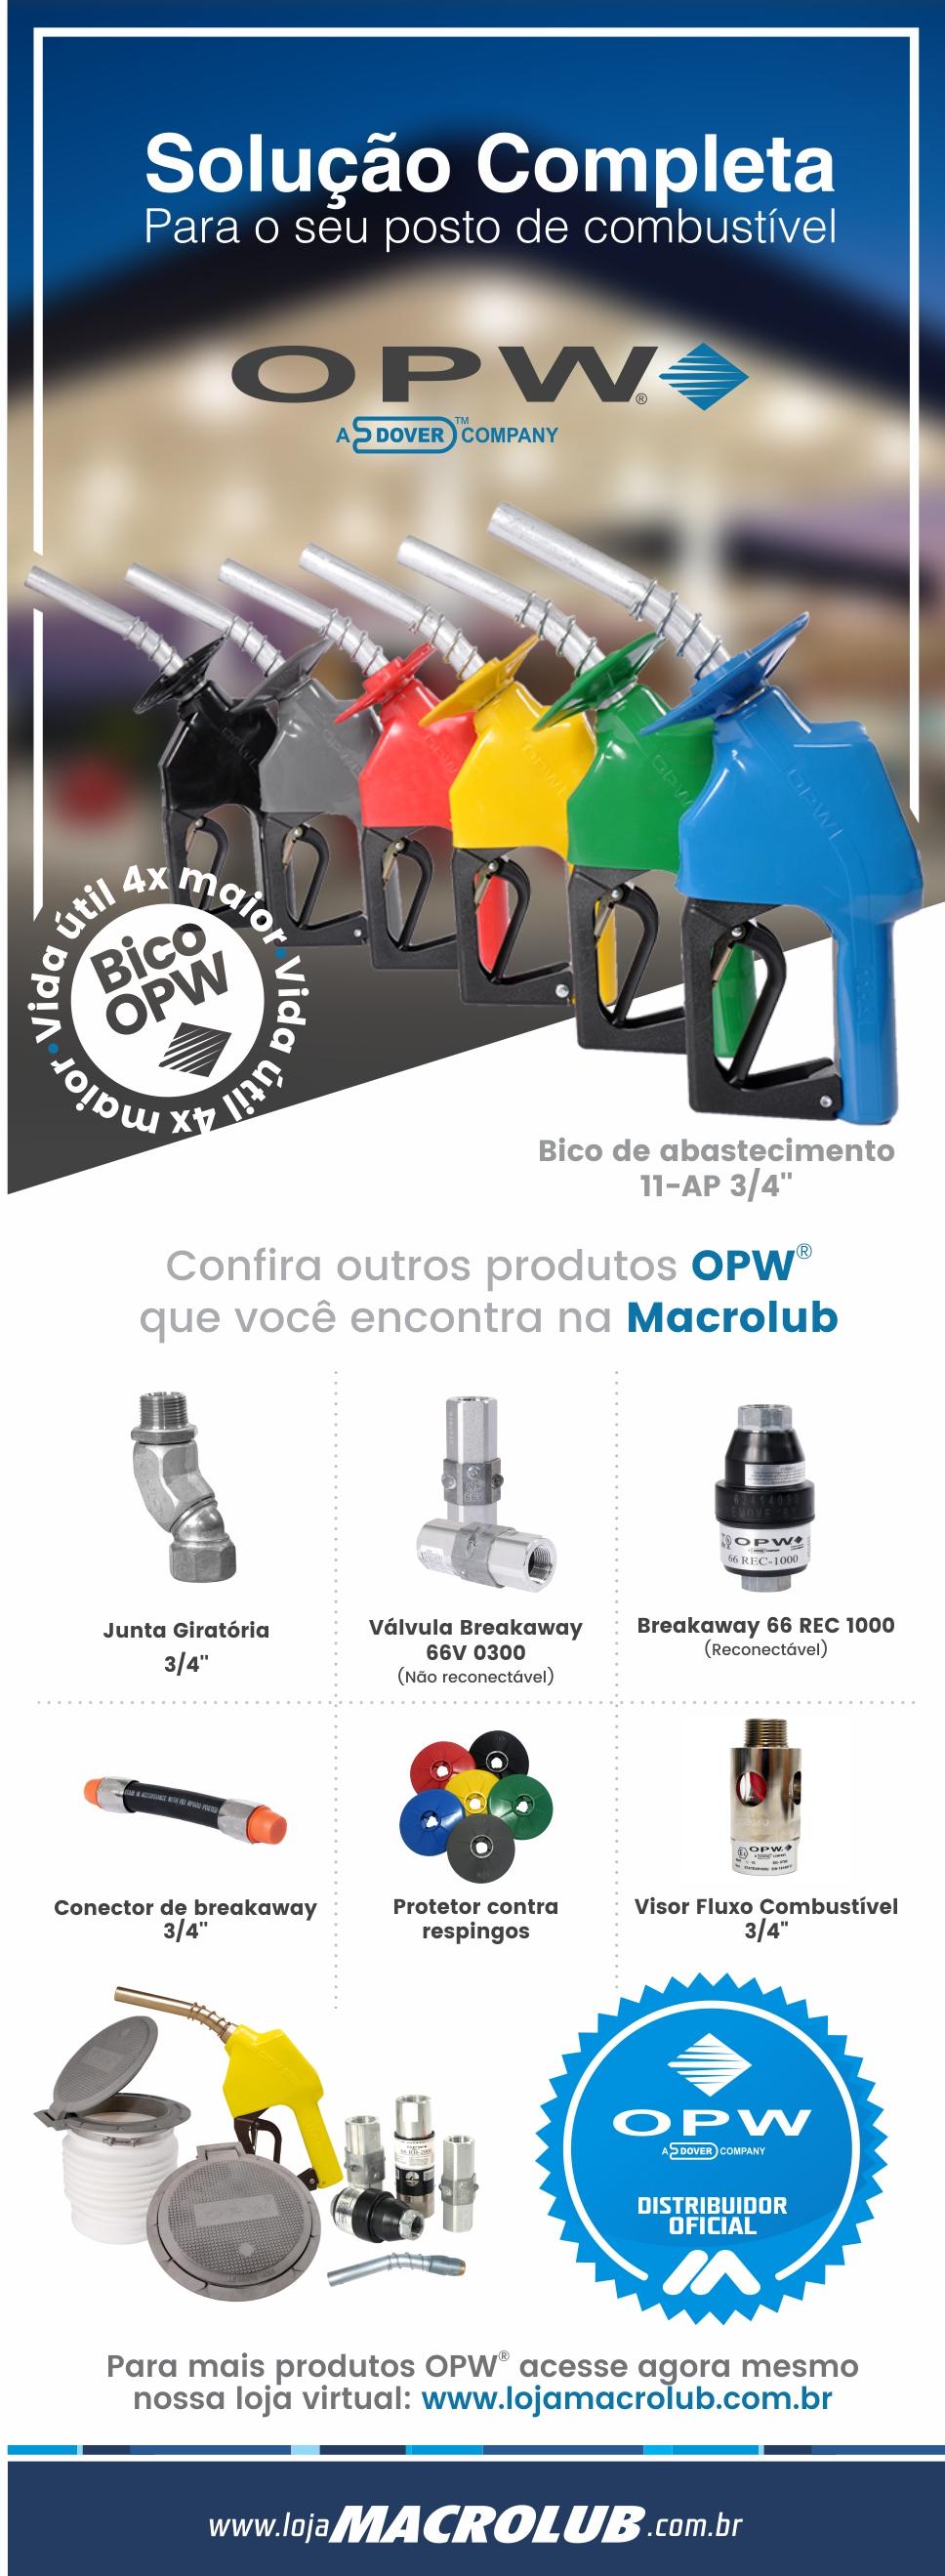 Distribuidor Oficial OPW